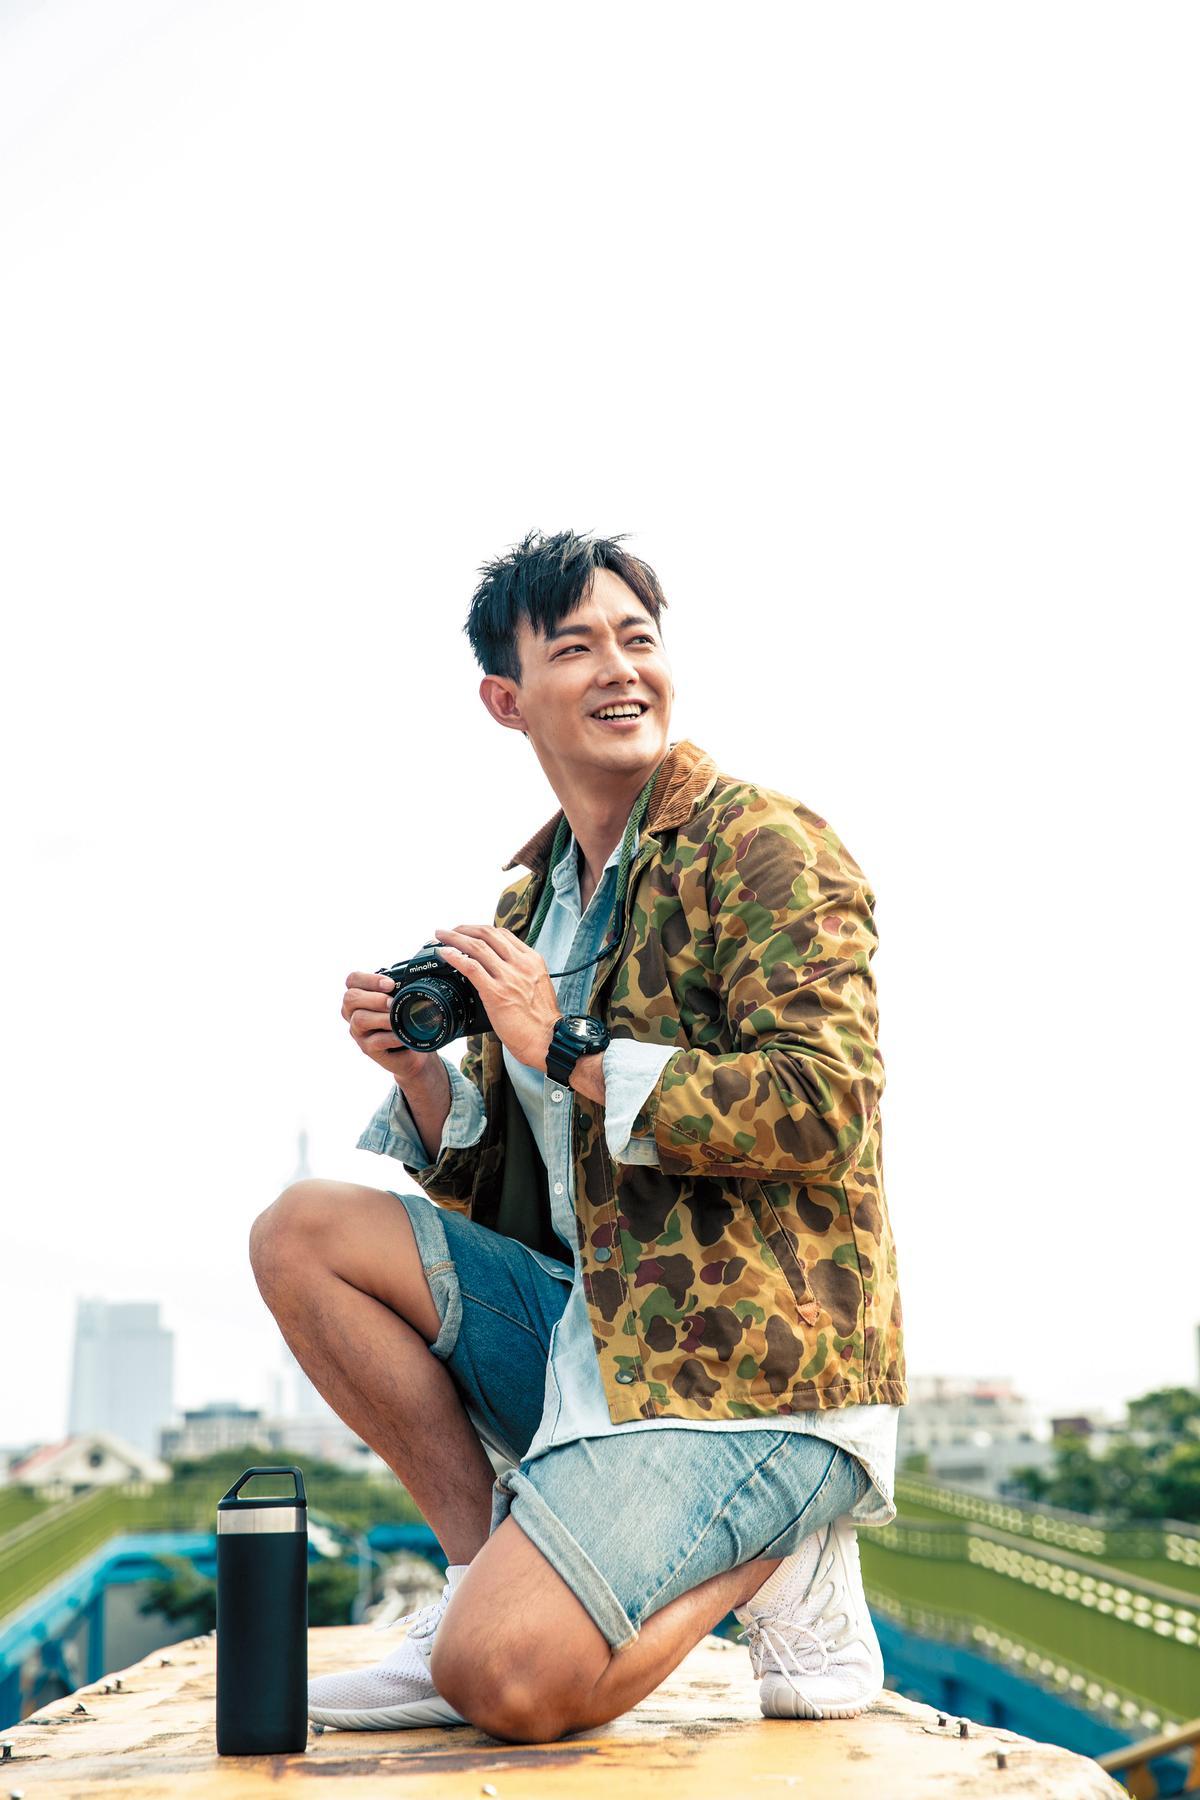 泰國二手店買的綠色迷彩外套。約NT$1,400/TOPMAN丹寧襯衫。約NT$2,000/FOREVER 21五分褲。約NT$1,380/NIKE白色球鞋。約NT$6,000/STANLEY保溫壺。約NT$1,980。